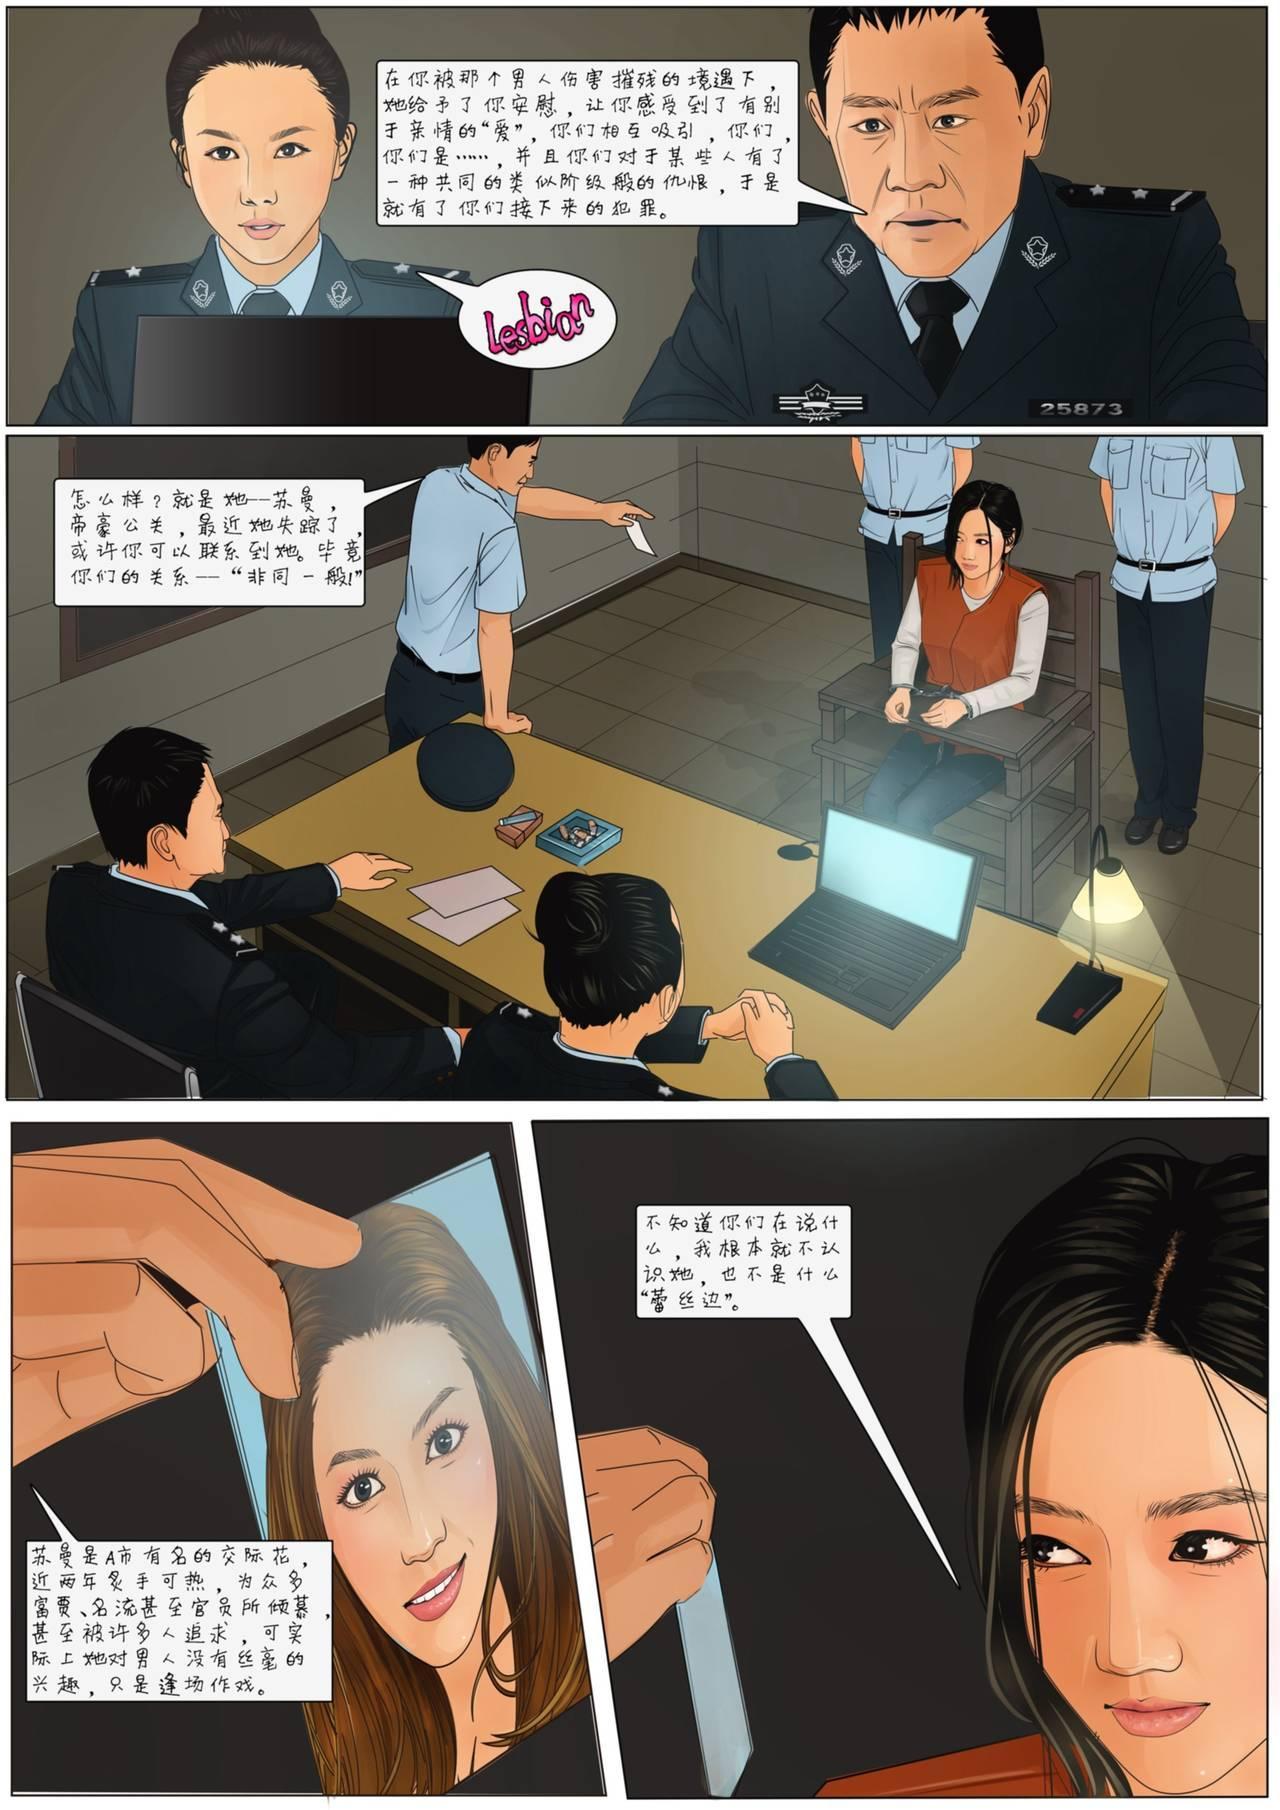 [枫语]Three Female Prisoners 3 [Chinese]中文 17